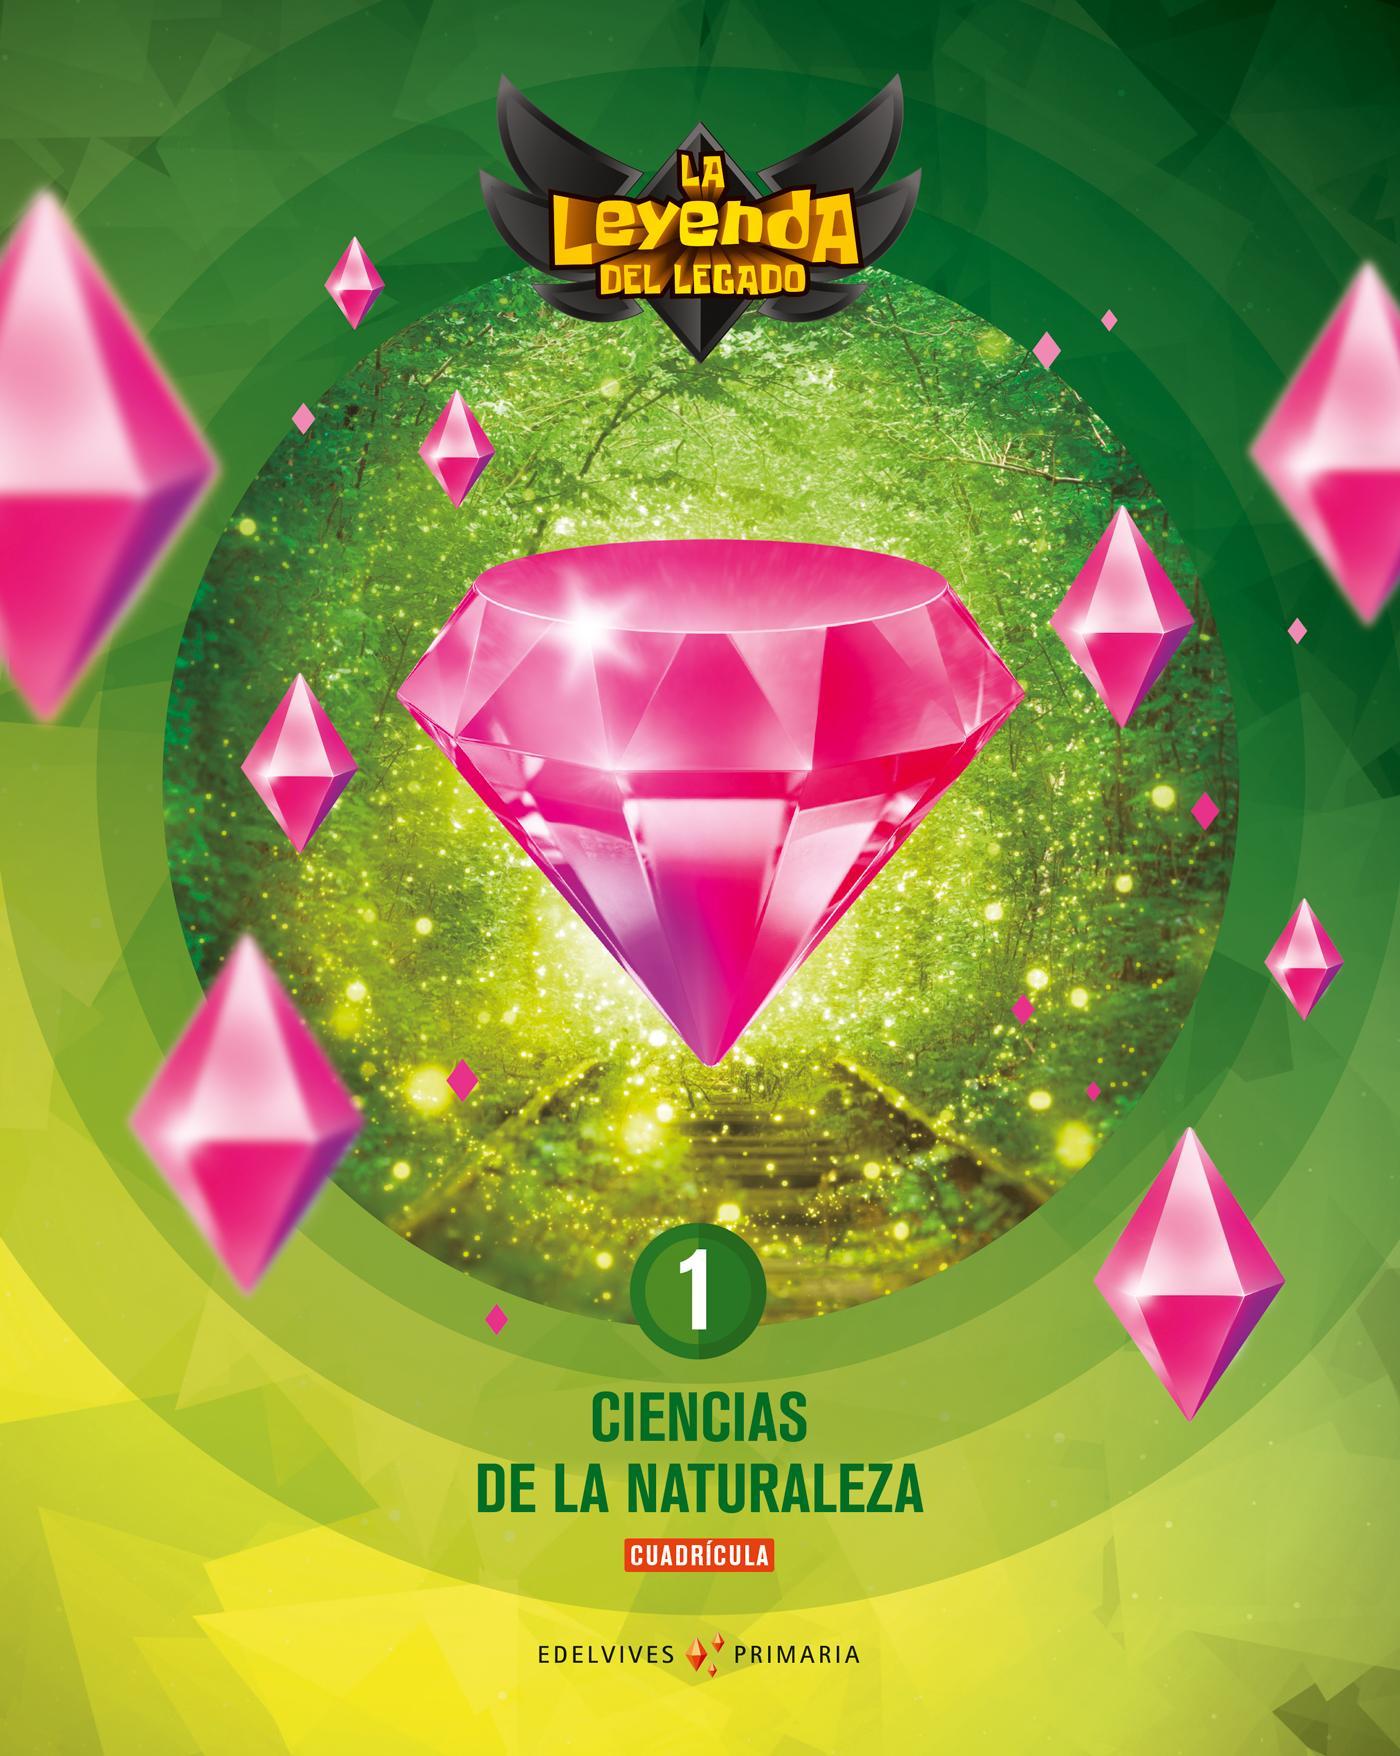 LIBRO DE TEXTO - 1 PRIMARIA LA LEYENDA DEL LEGADO. CIENCIAS DE LA NATURALEZA